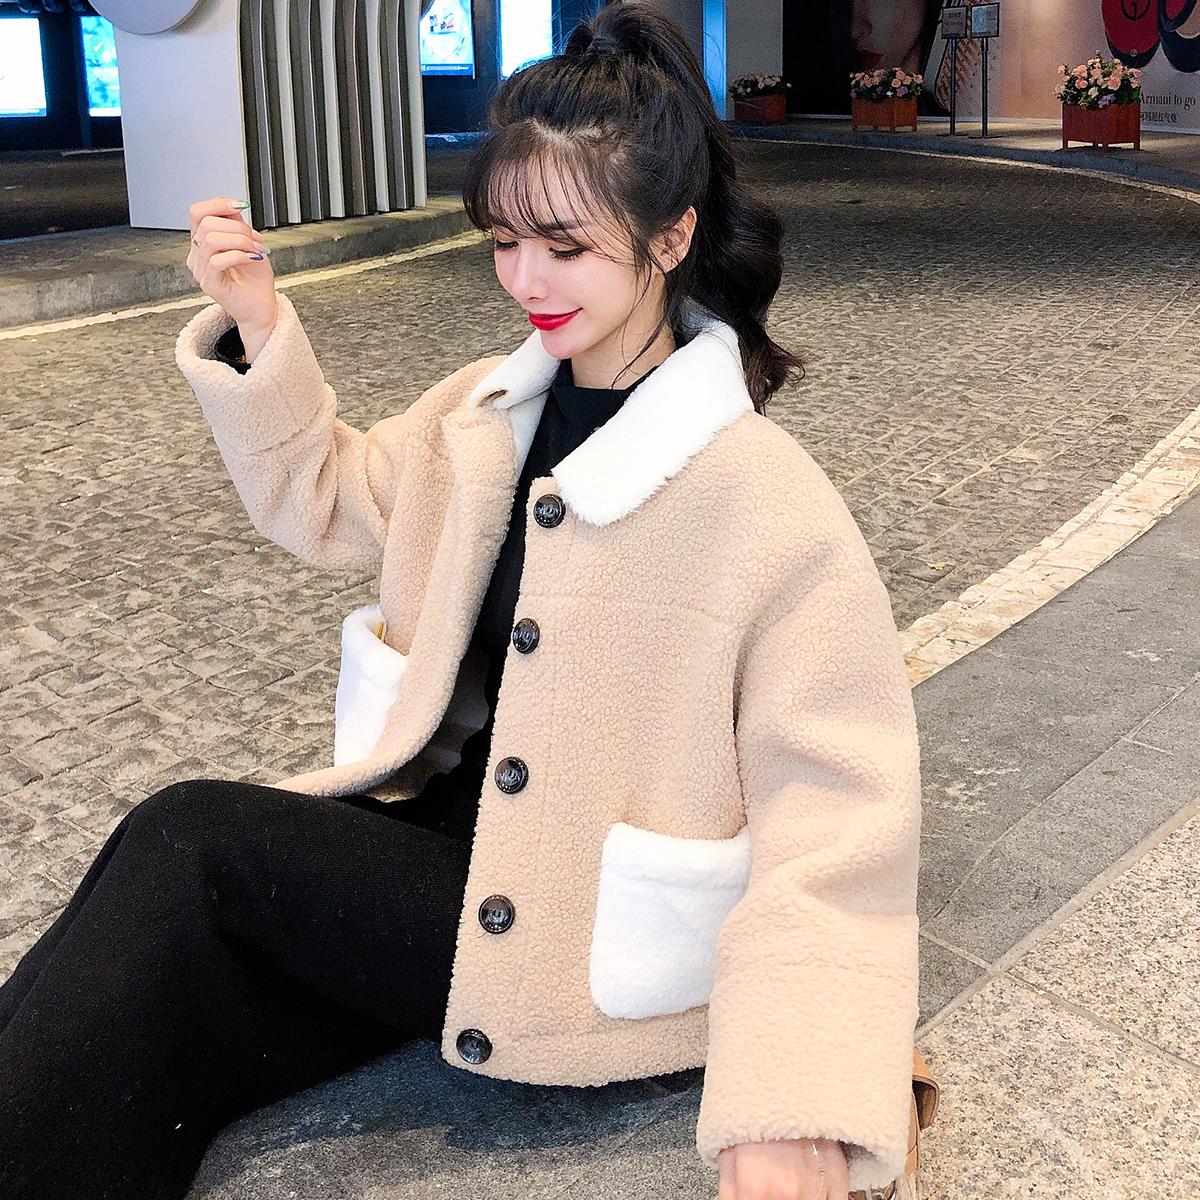 实拍现货新款羊羔毛外套女冬短款韩版羊毛羔皮毛一体羊羔绒 -